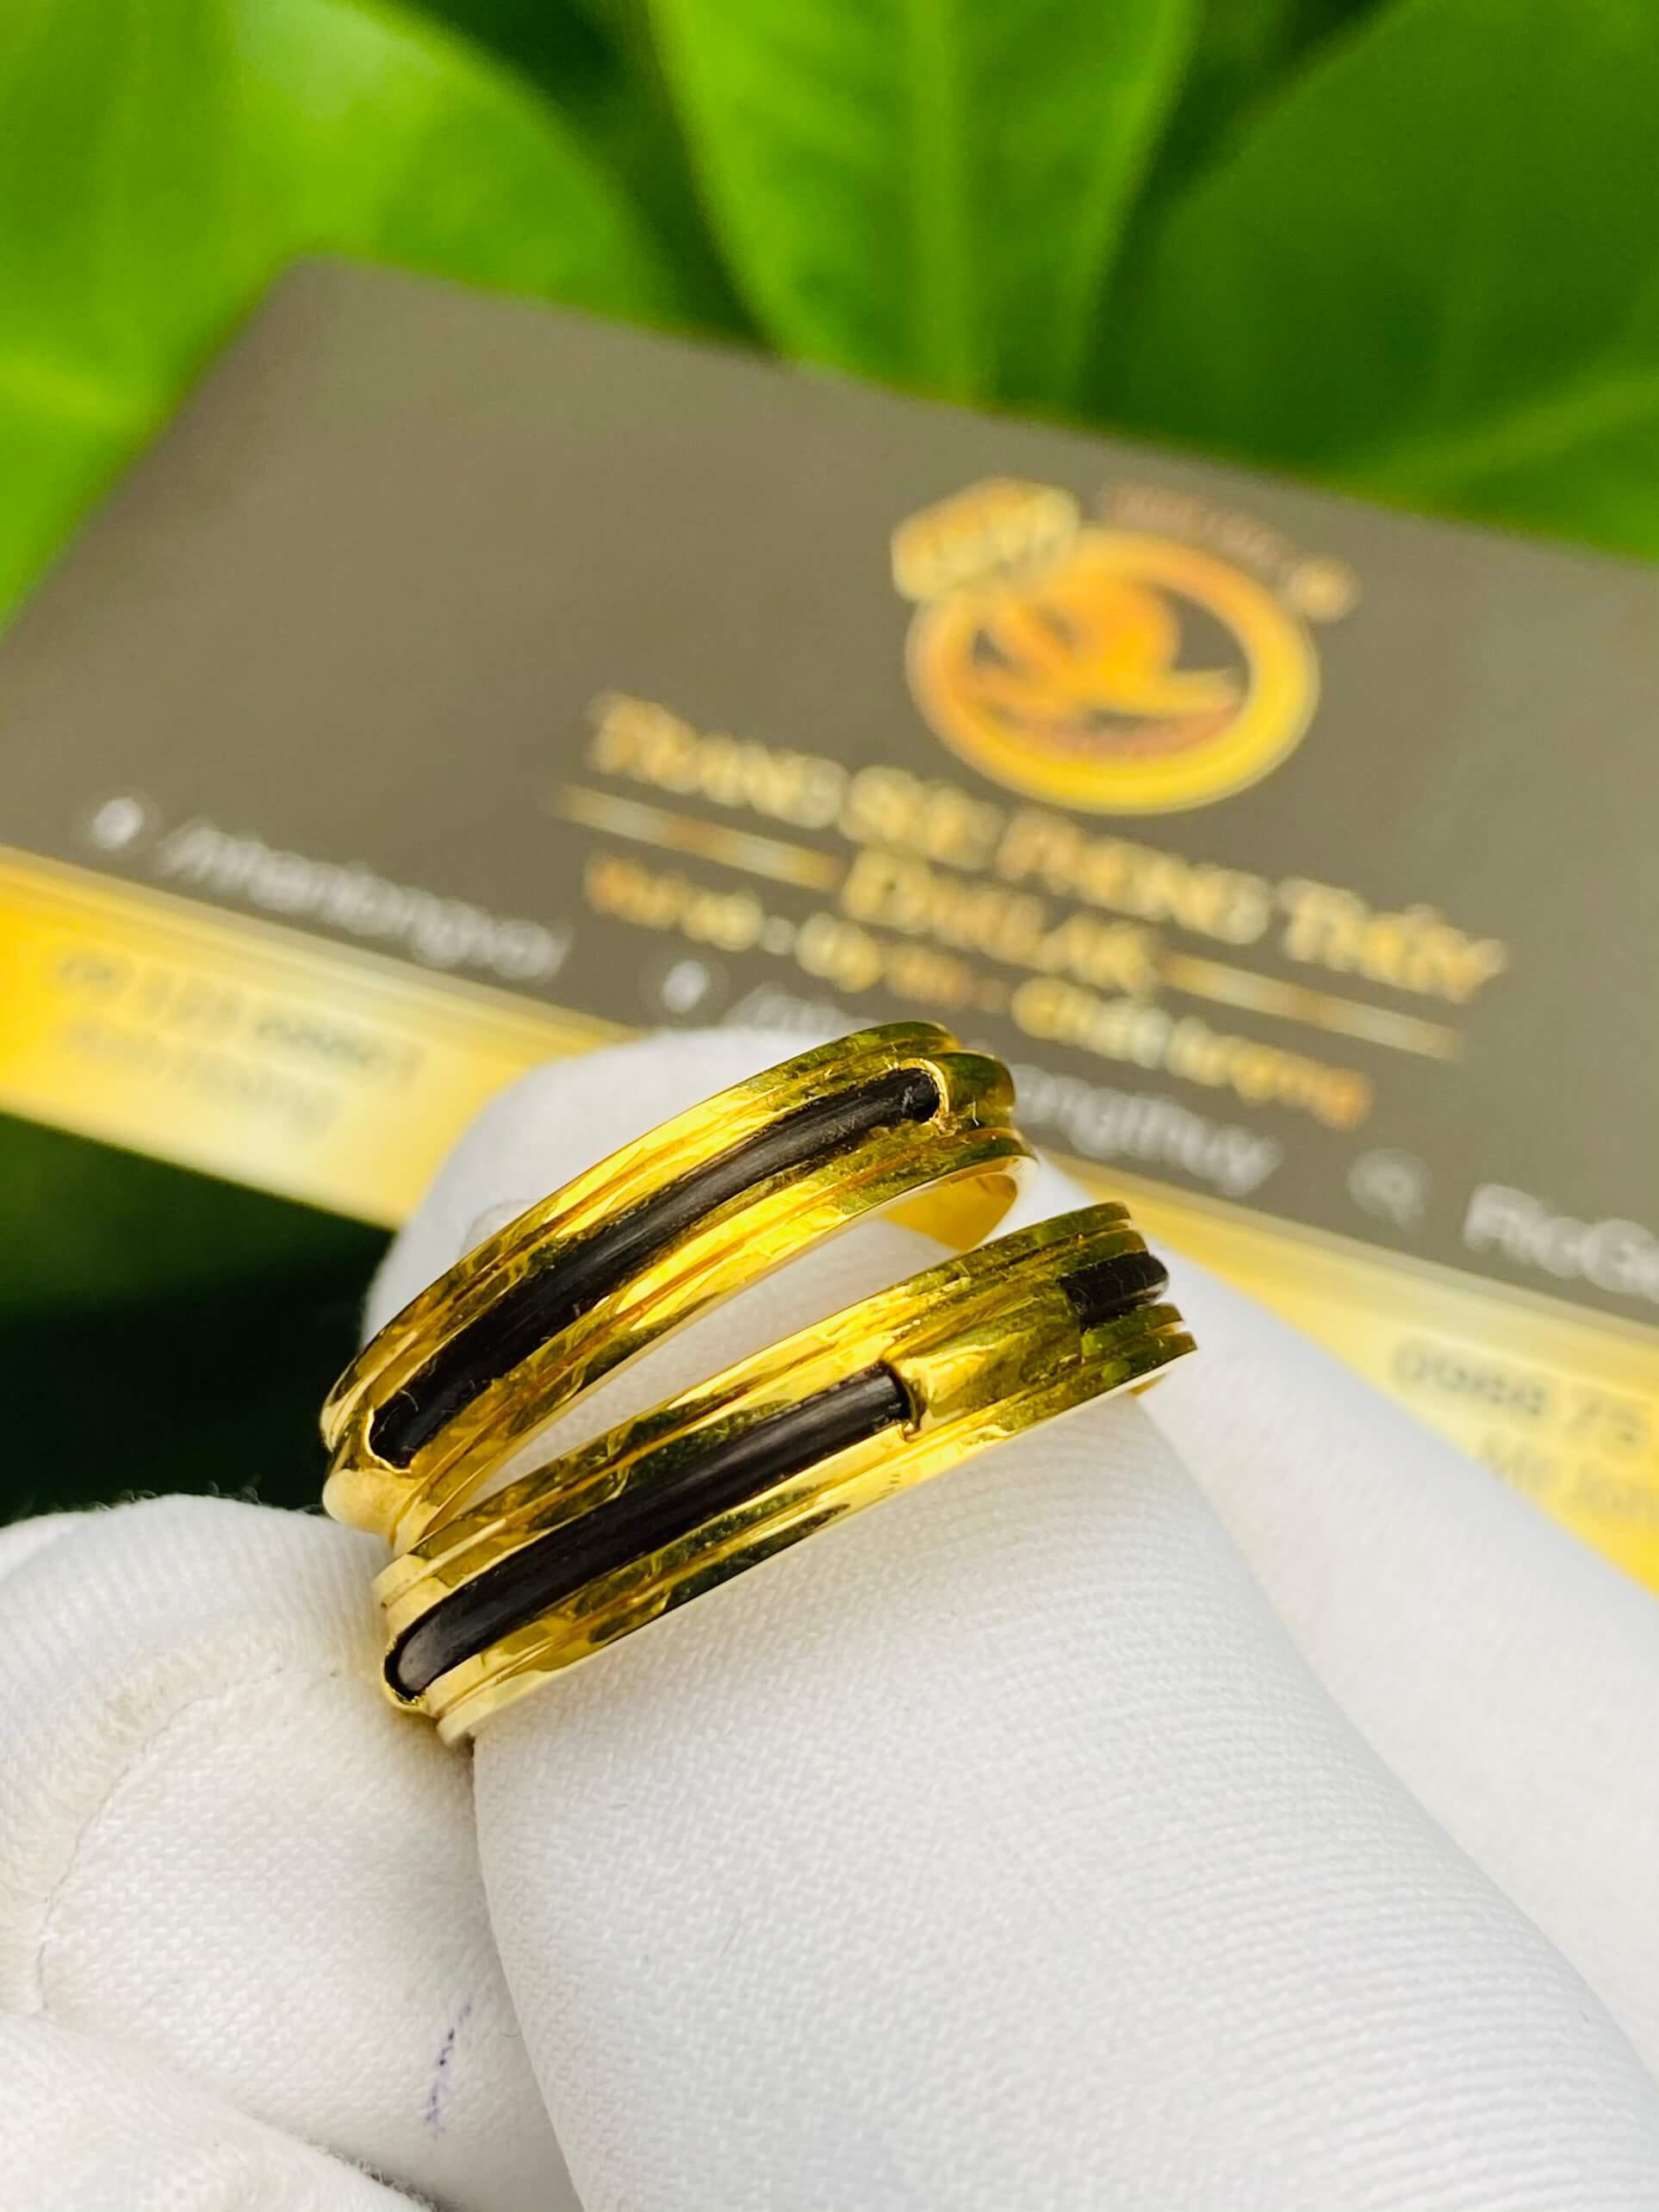 Cặp nhẫn vàng luồng 1 lông voi ngoài 2 rãnh phong thủy